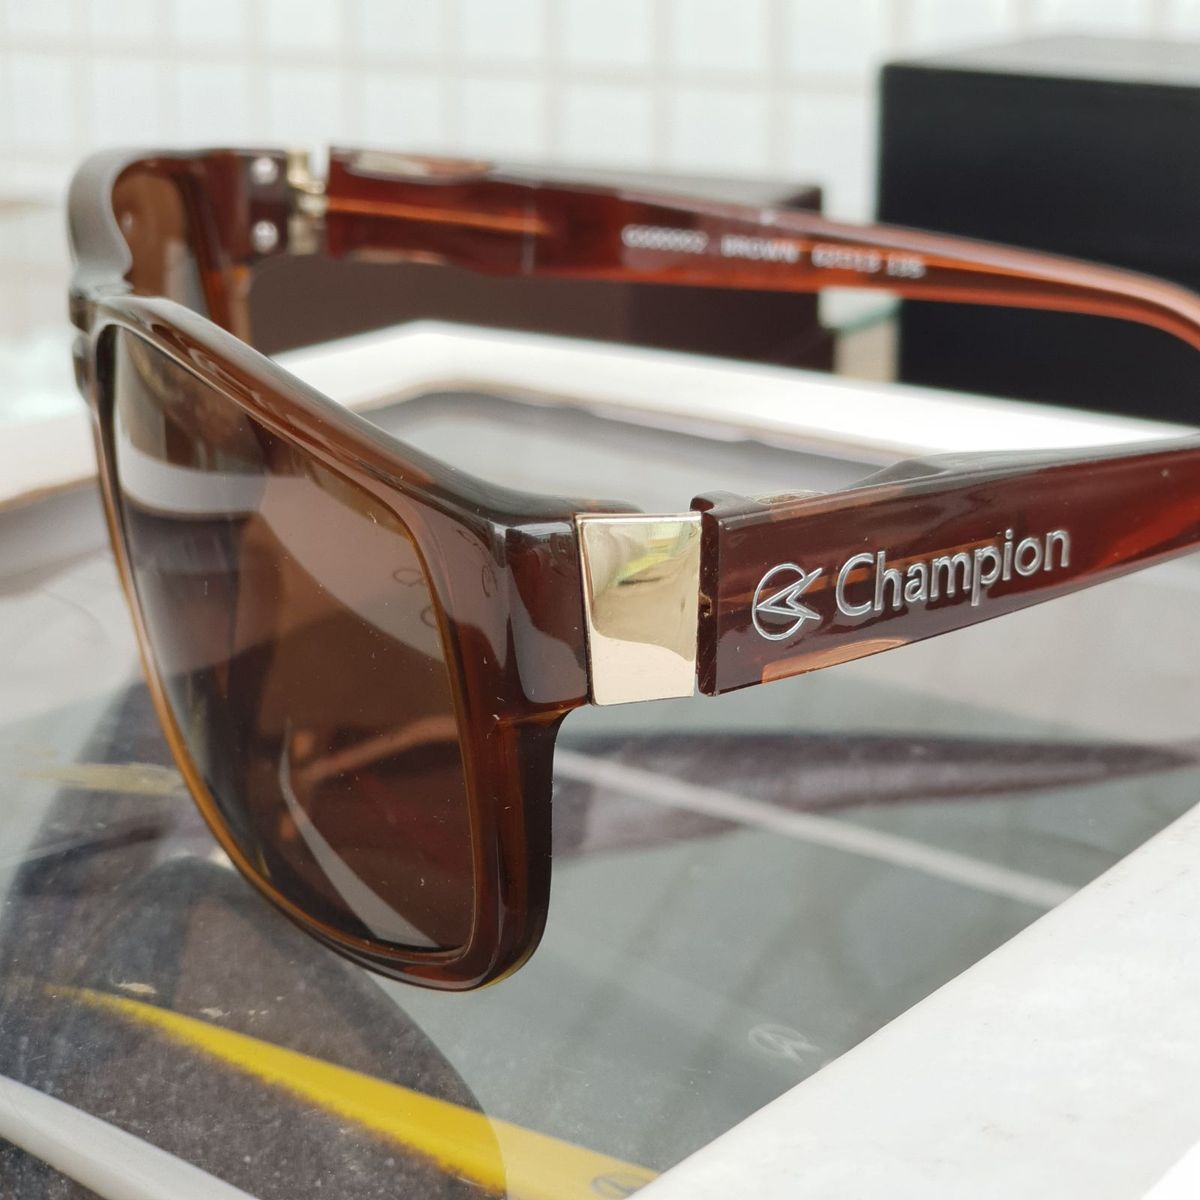 657b5f9a4f70c óculos de sol champion troca hastes - óculos champion